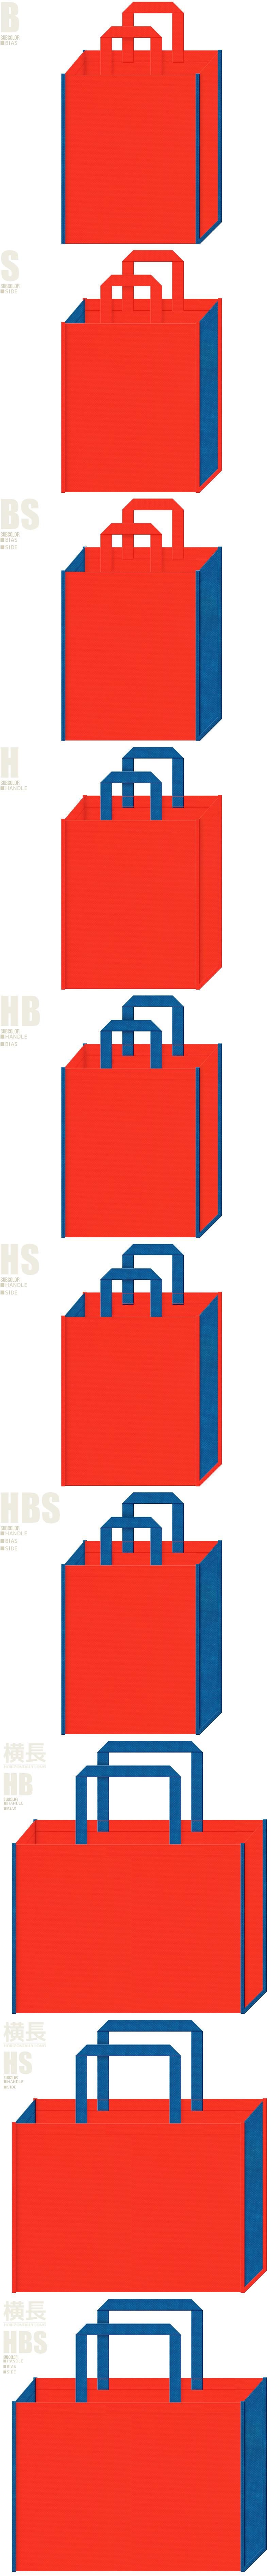 テーマパーク・おもちゃの展示会用バッグにお奨めの不織布バッグのデザイン:オレンジ色と青色の配色7パターン